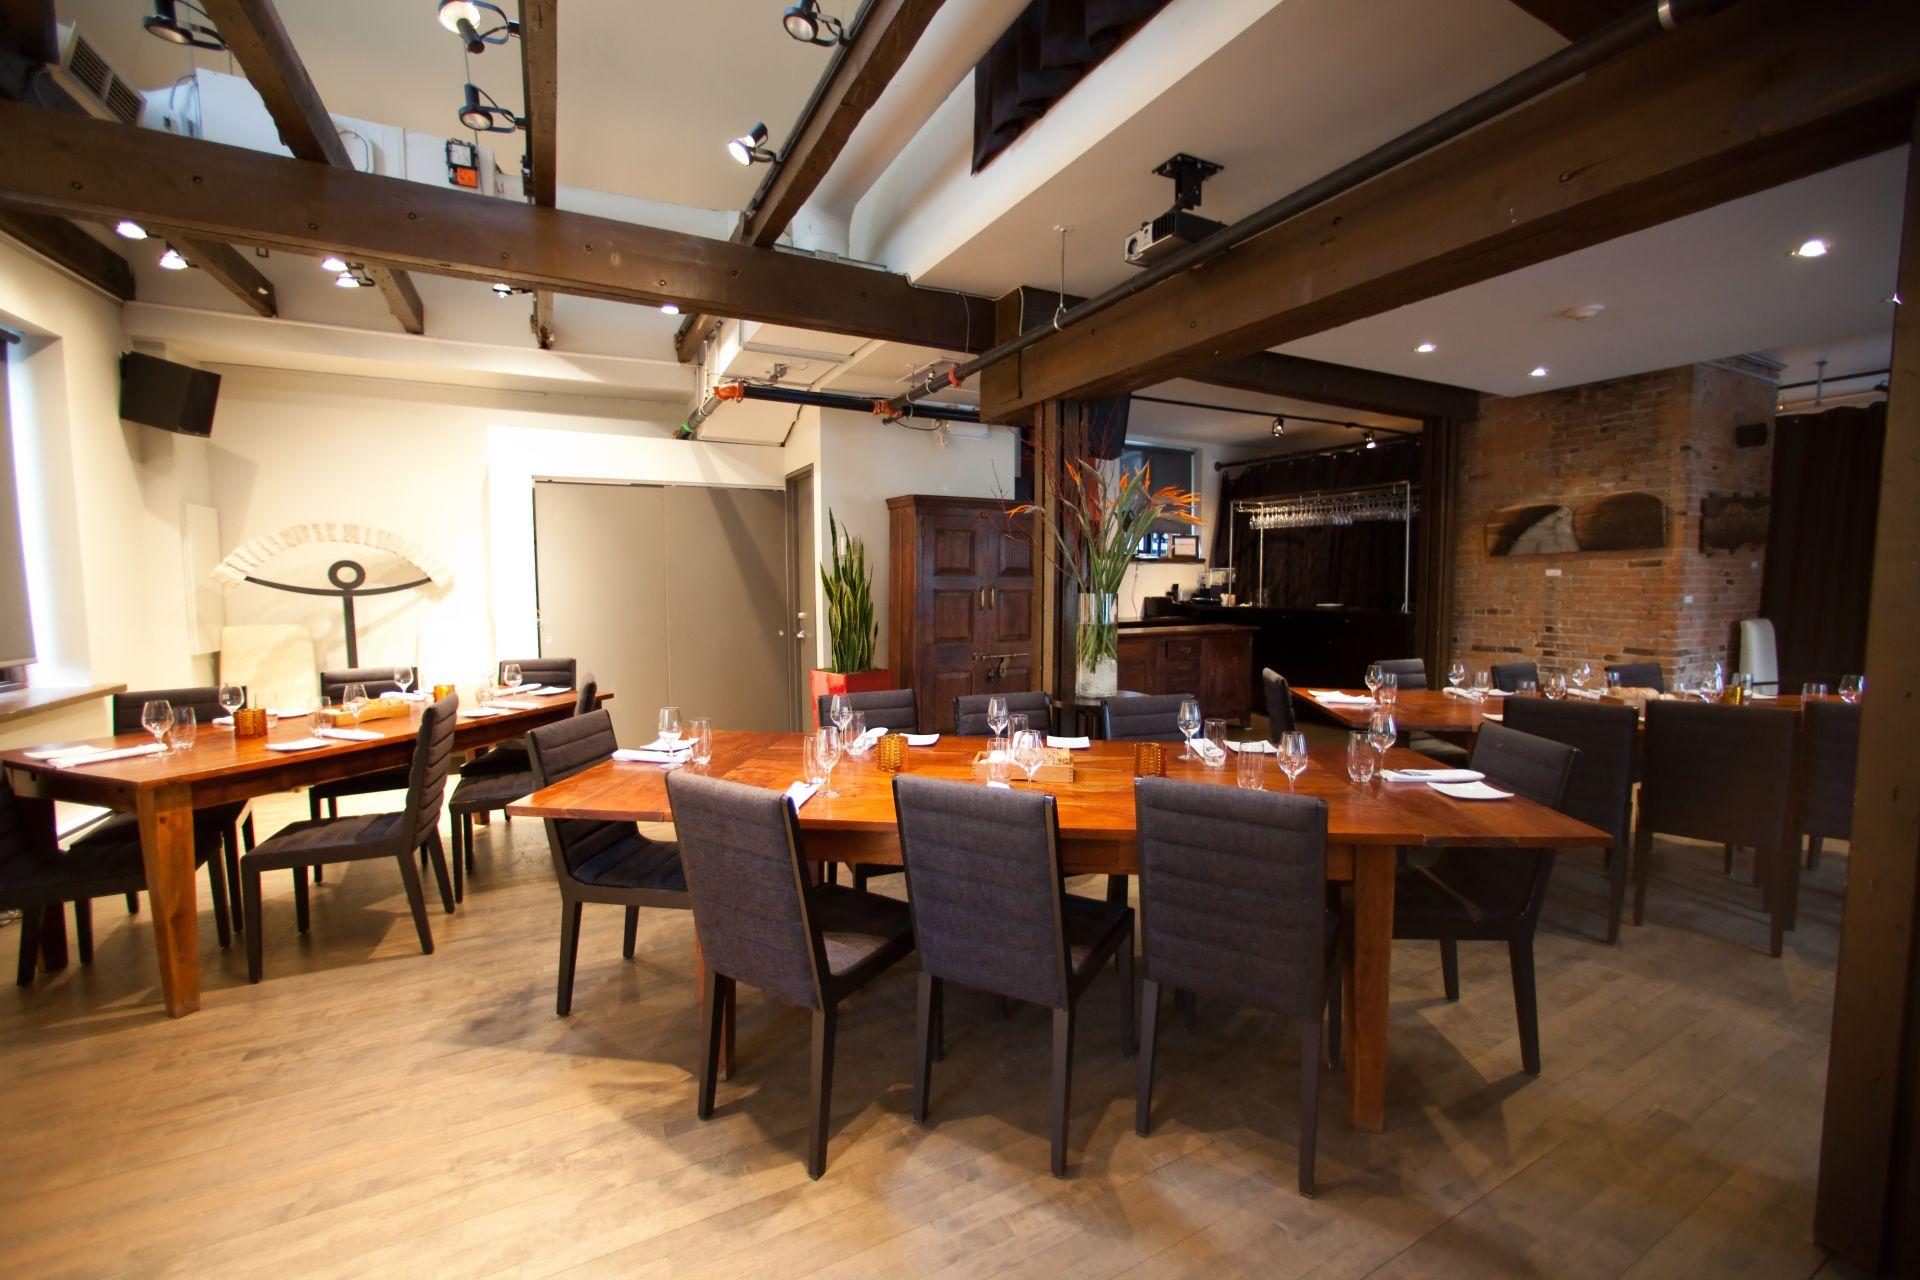 Alsq restaurant le local l 39 atelier montr al for Atelier cuisine montreal